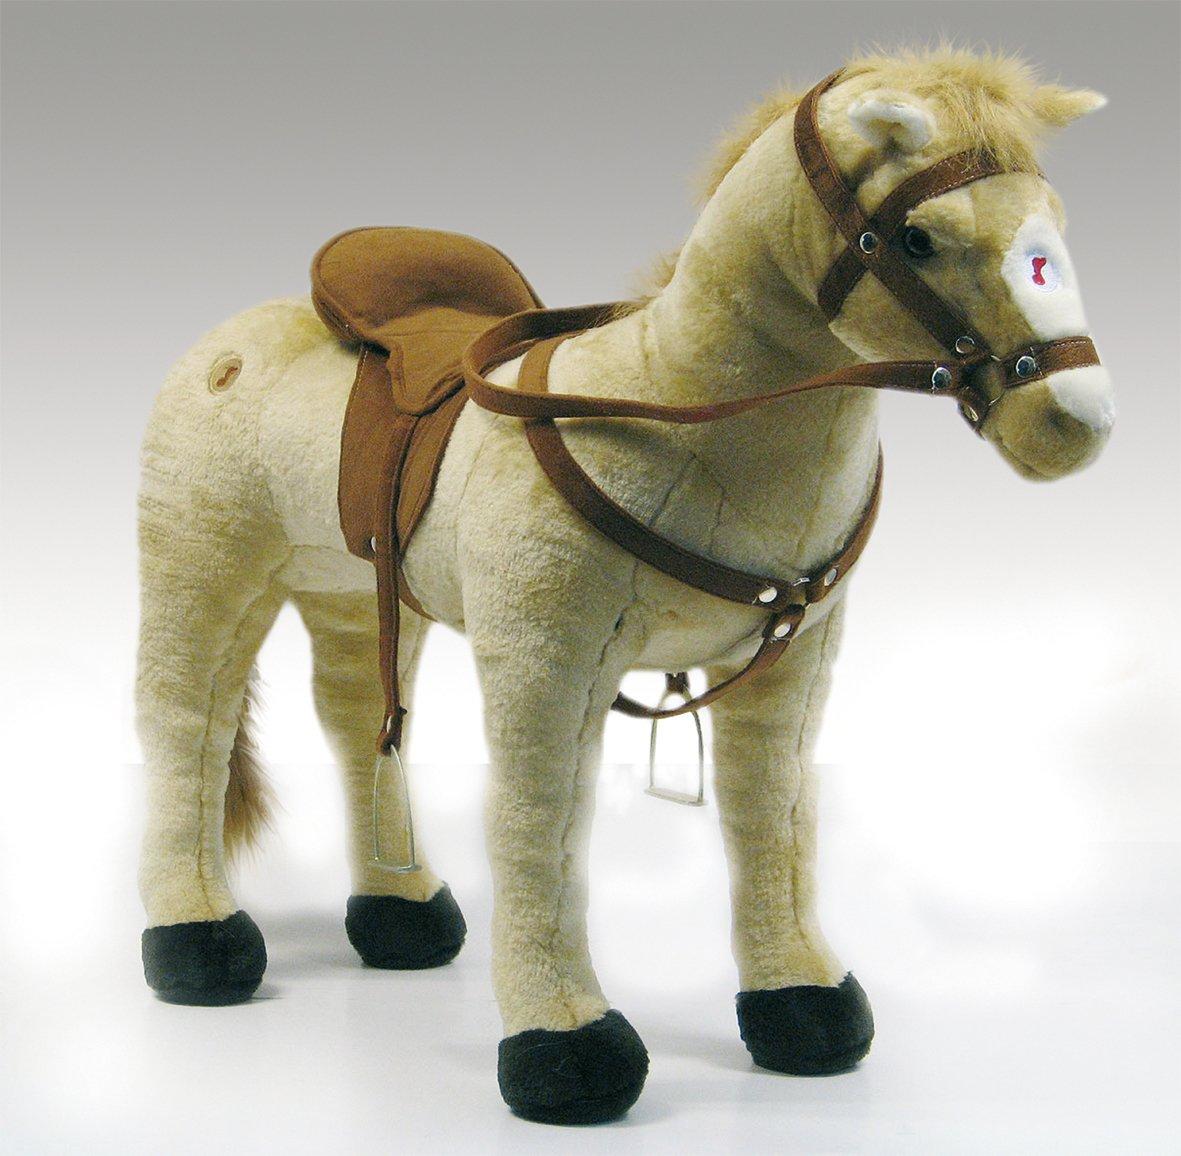 #Happy People 58410 – Pferd mit 3-fach Sound#